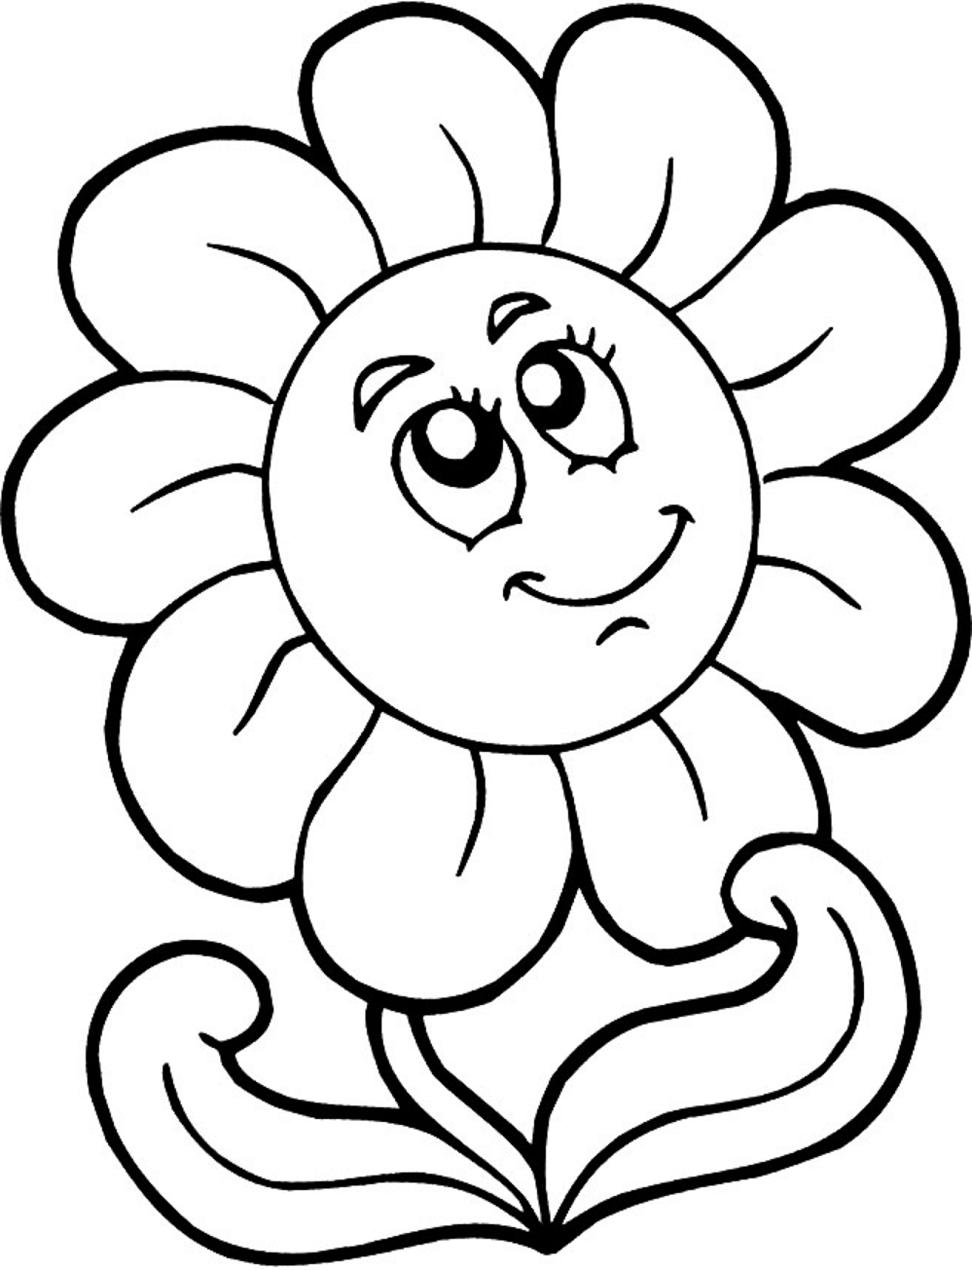 Dibujos De Girasol Está Sonriendo Para Colorear Pintar E